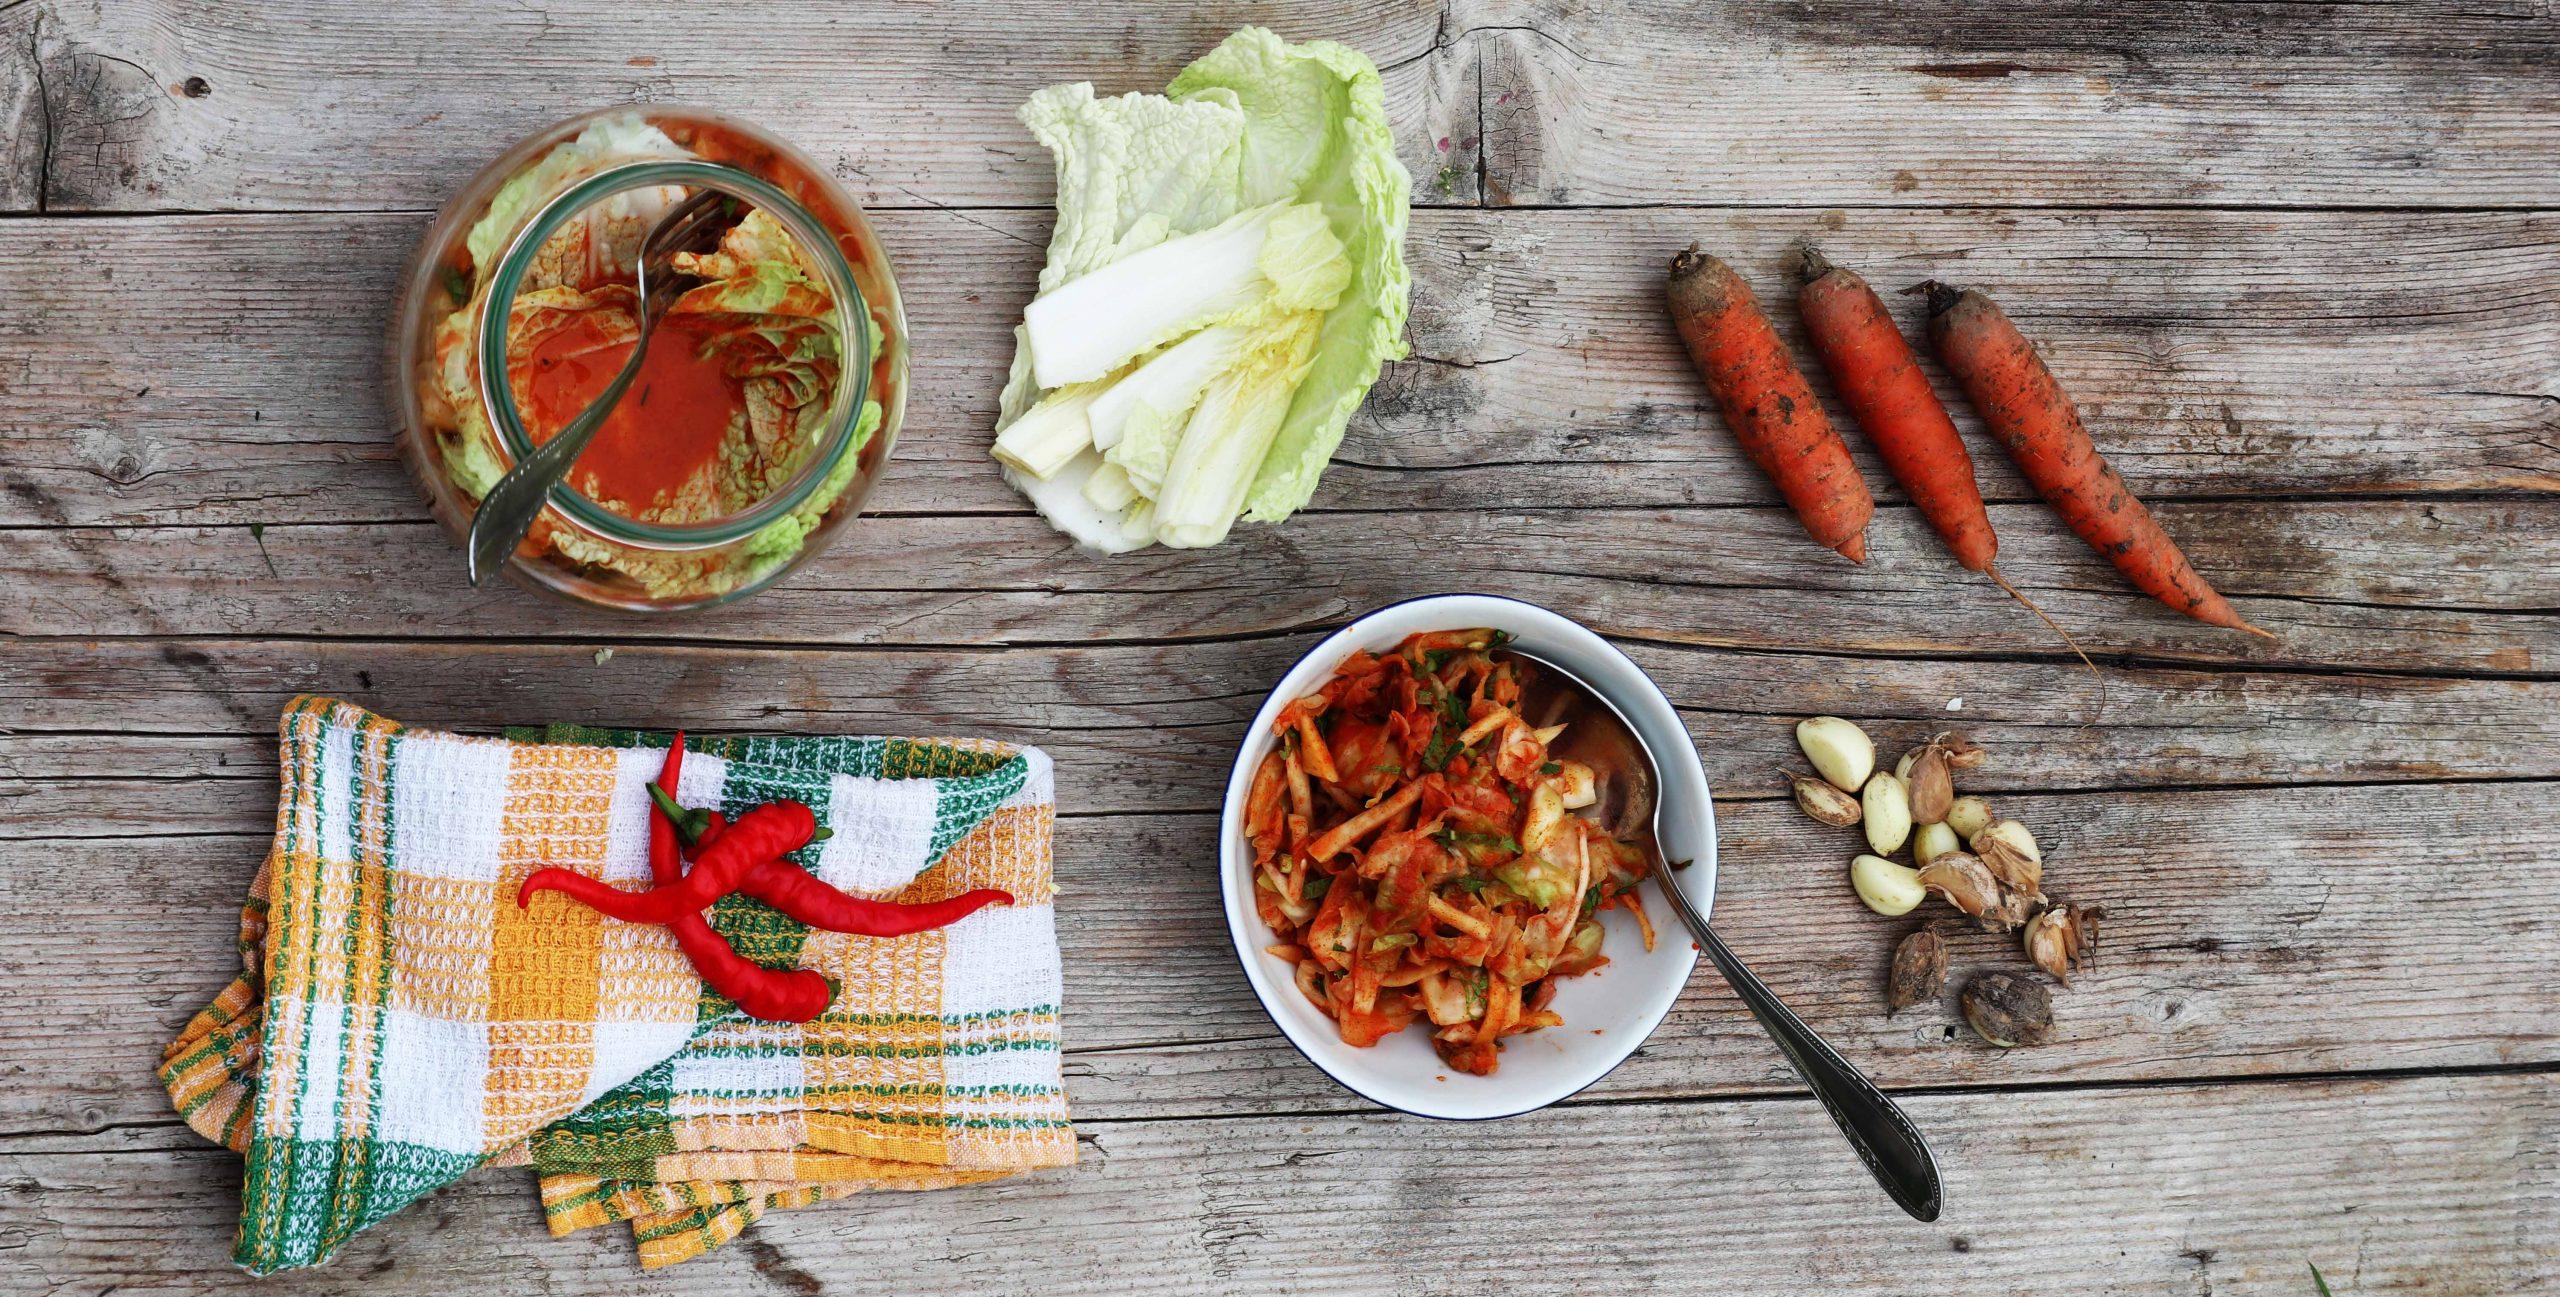 Kimči po slovensko ali kislo zelje po korejsko